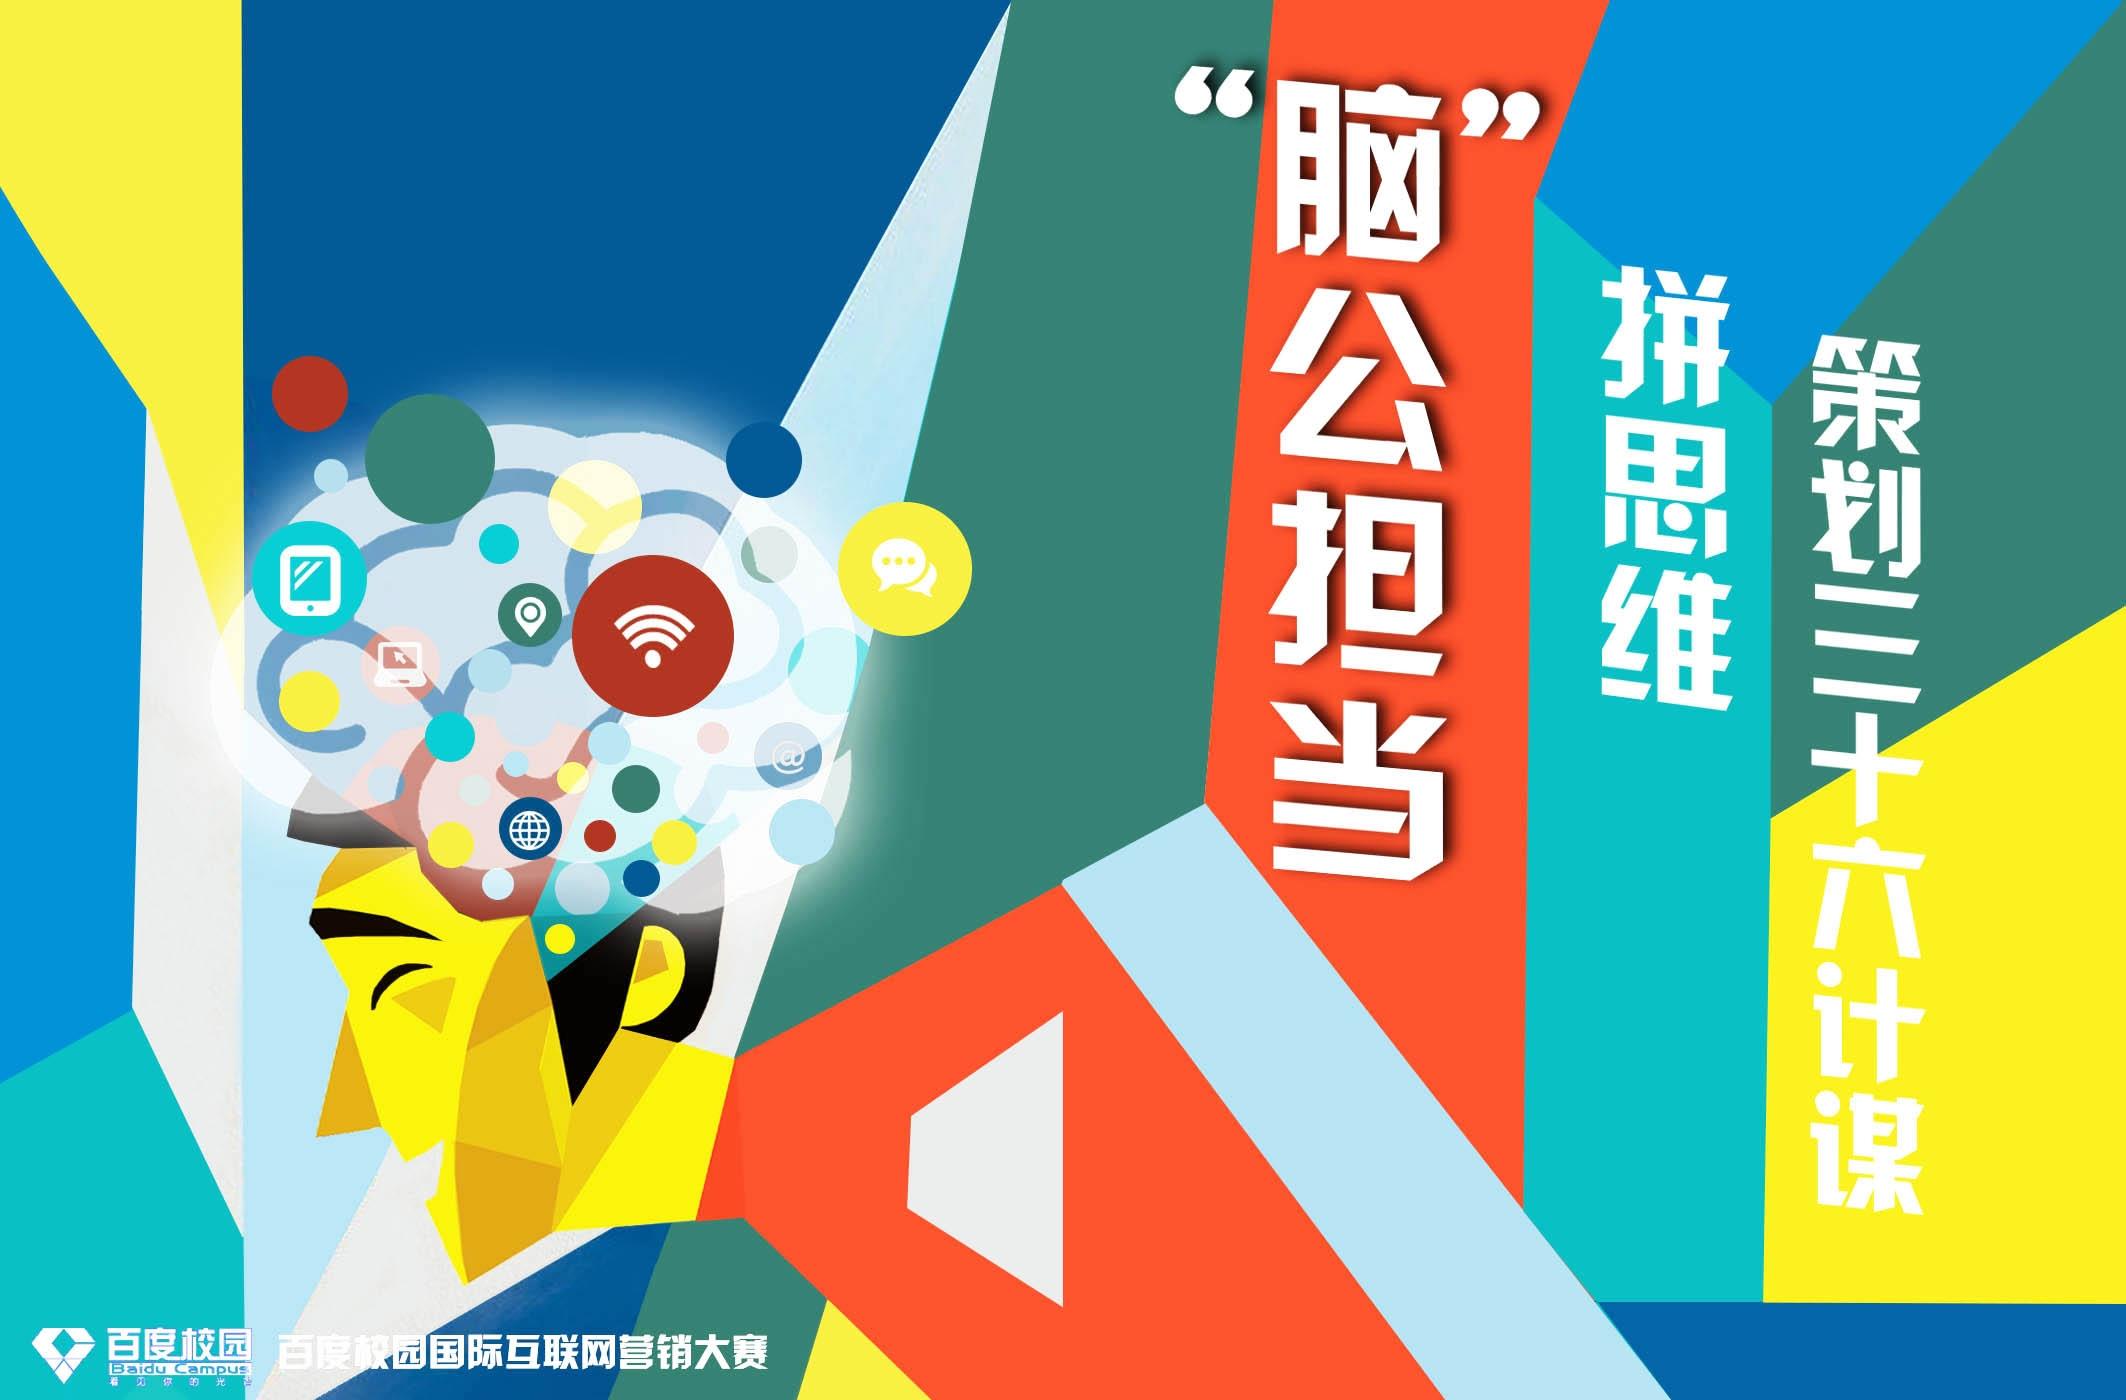 百度校园互联网营销大赛 创意海报透析三大制胜关键